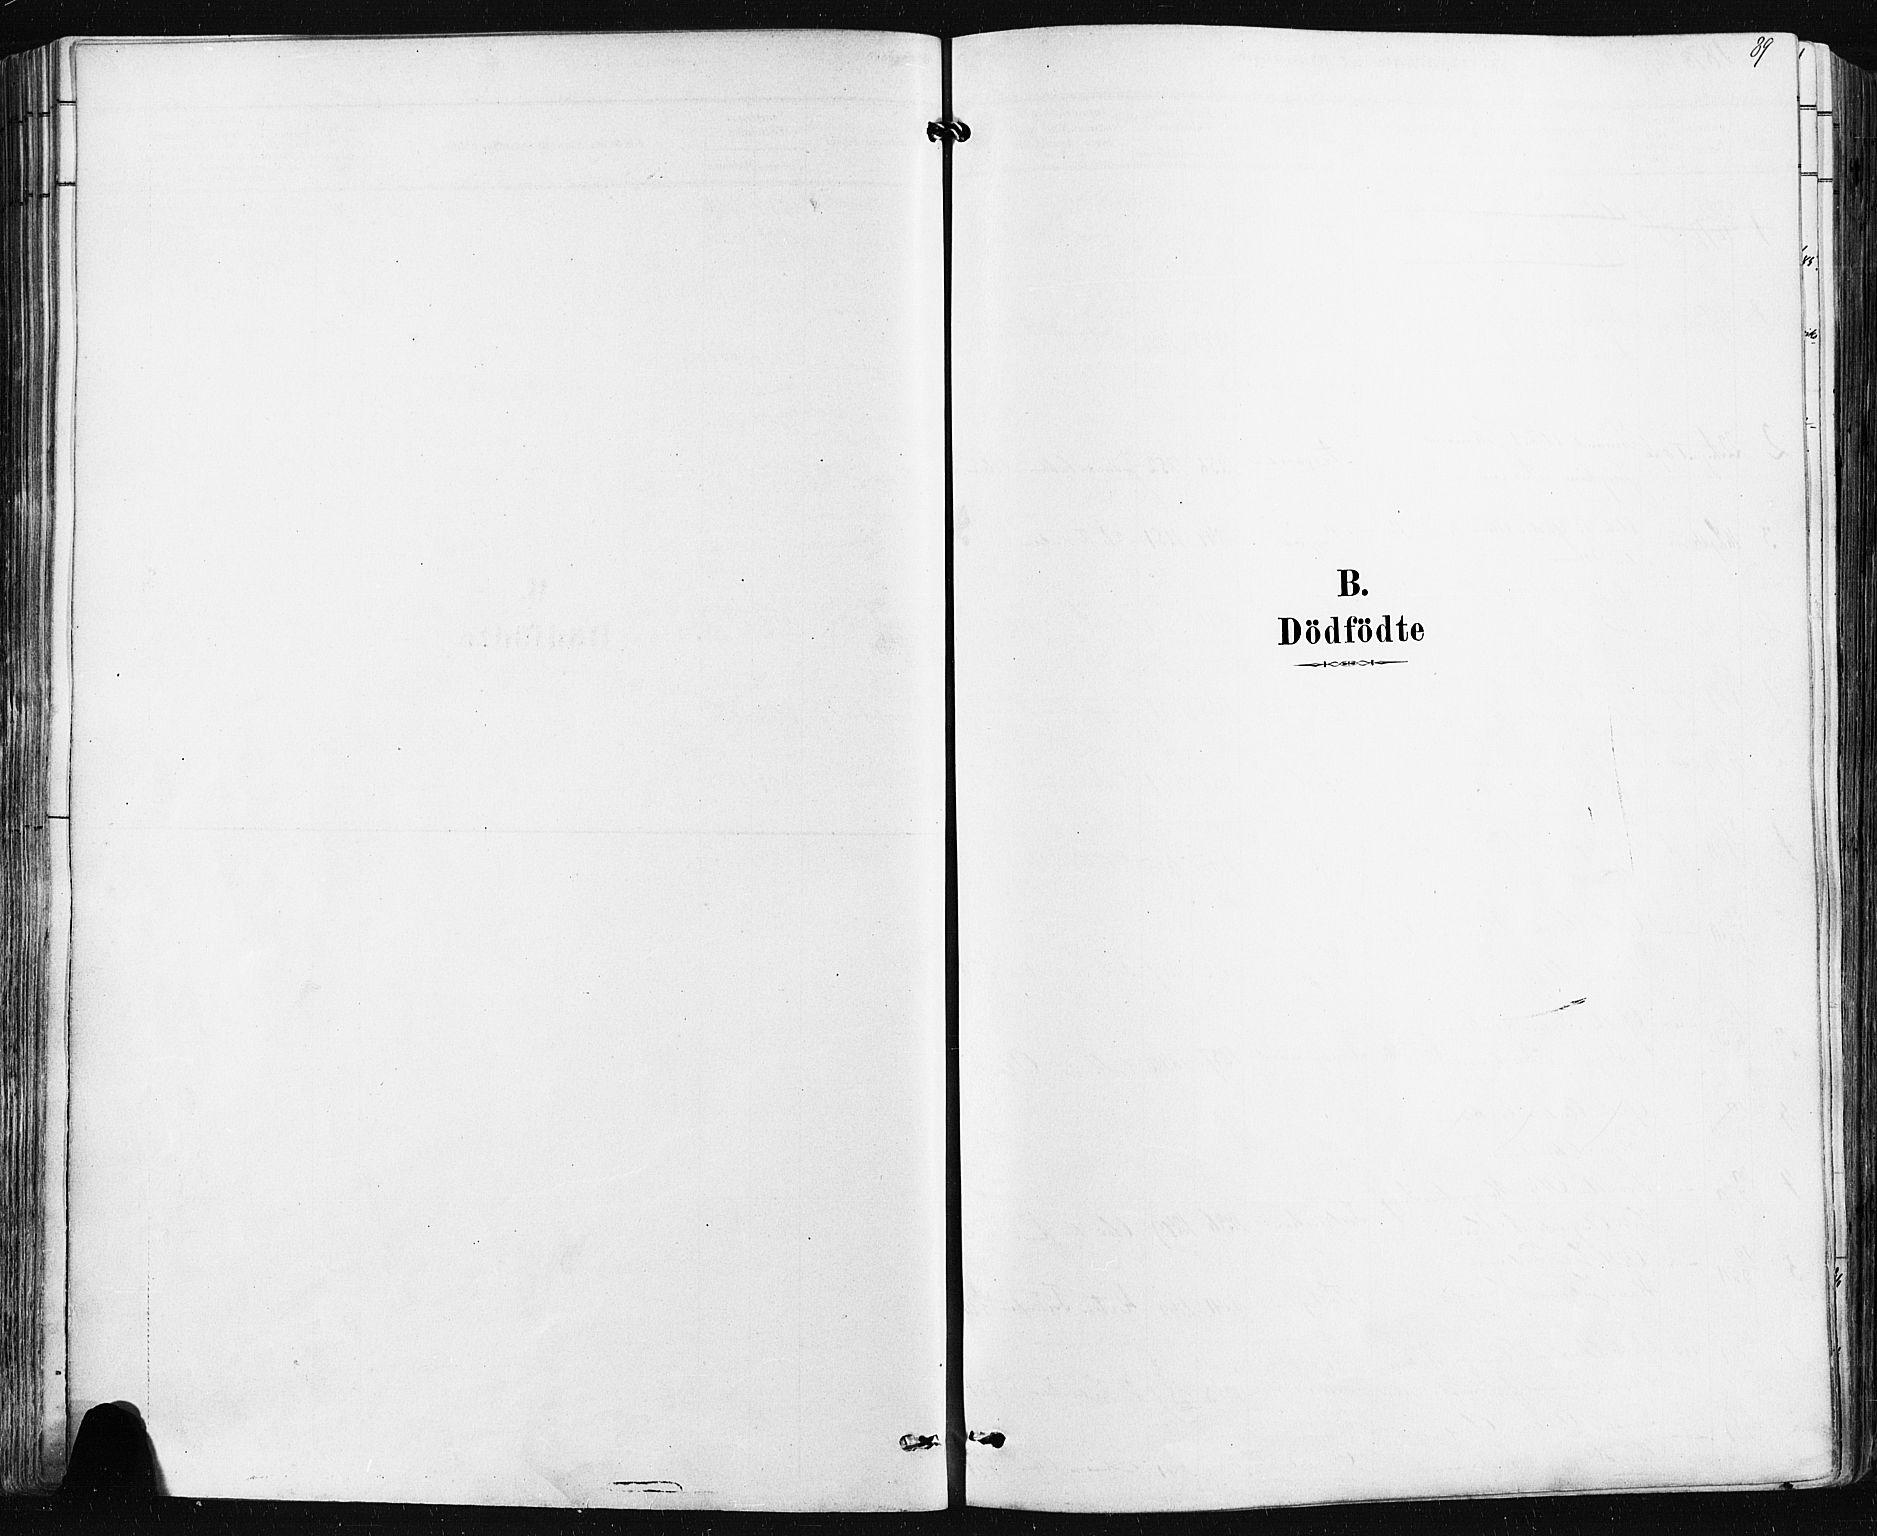 SAKO, Borre kirkebøker, F/Fa/L0009: Ministerialbok nr. I 9, 1878-1896, s. 89